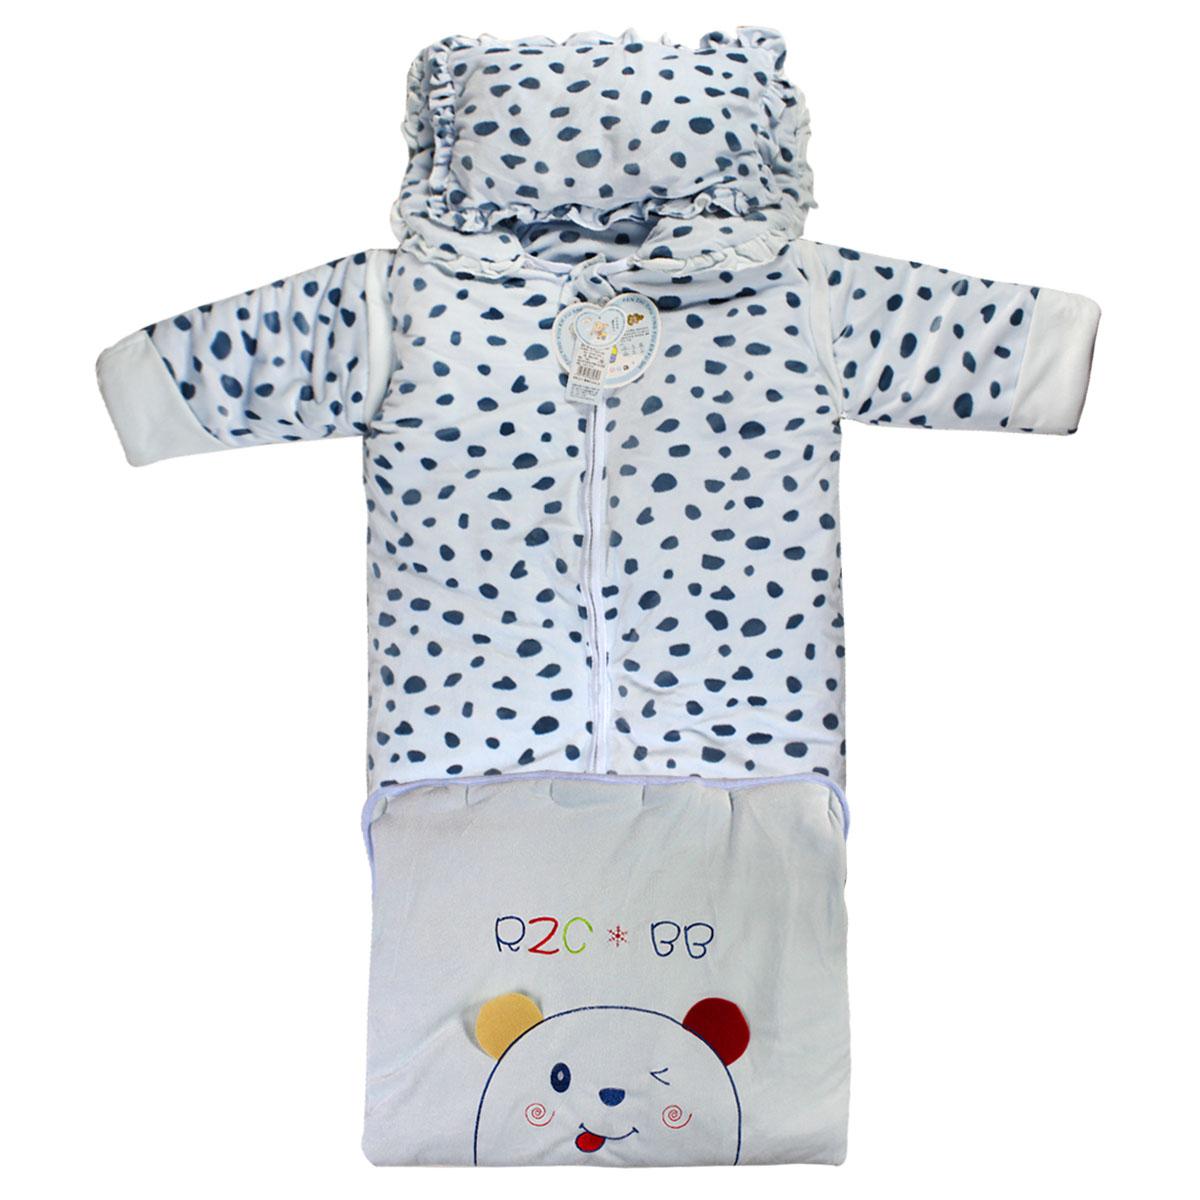 Аутентичные люди хлопок бархат новорожденного ребенка спальные мешки в начале весны и осени пакет держать одеяло длиннее утолщенной